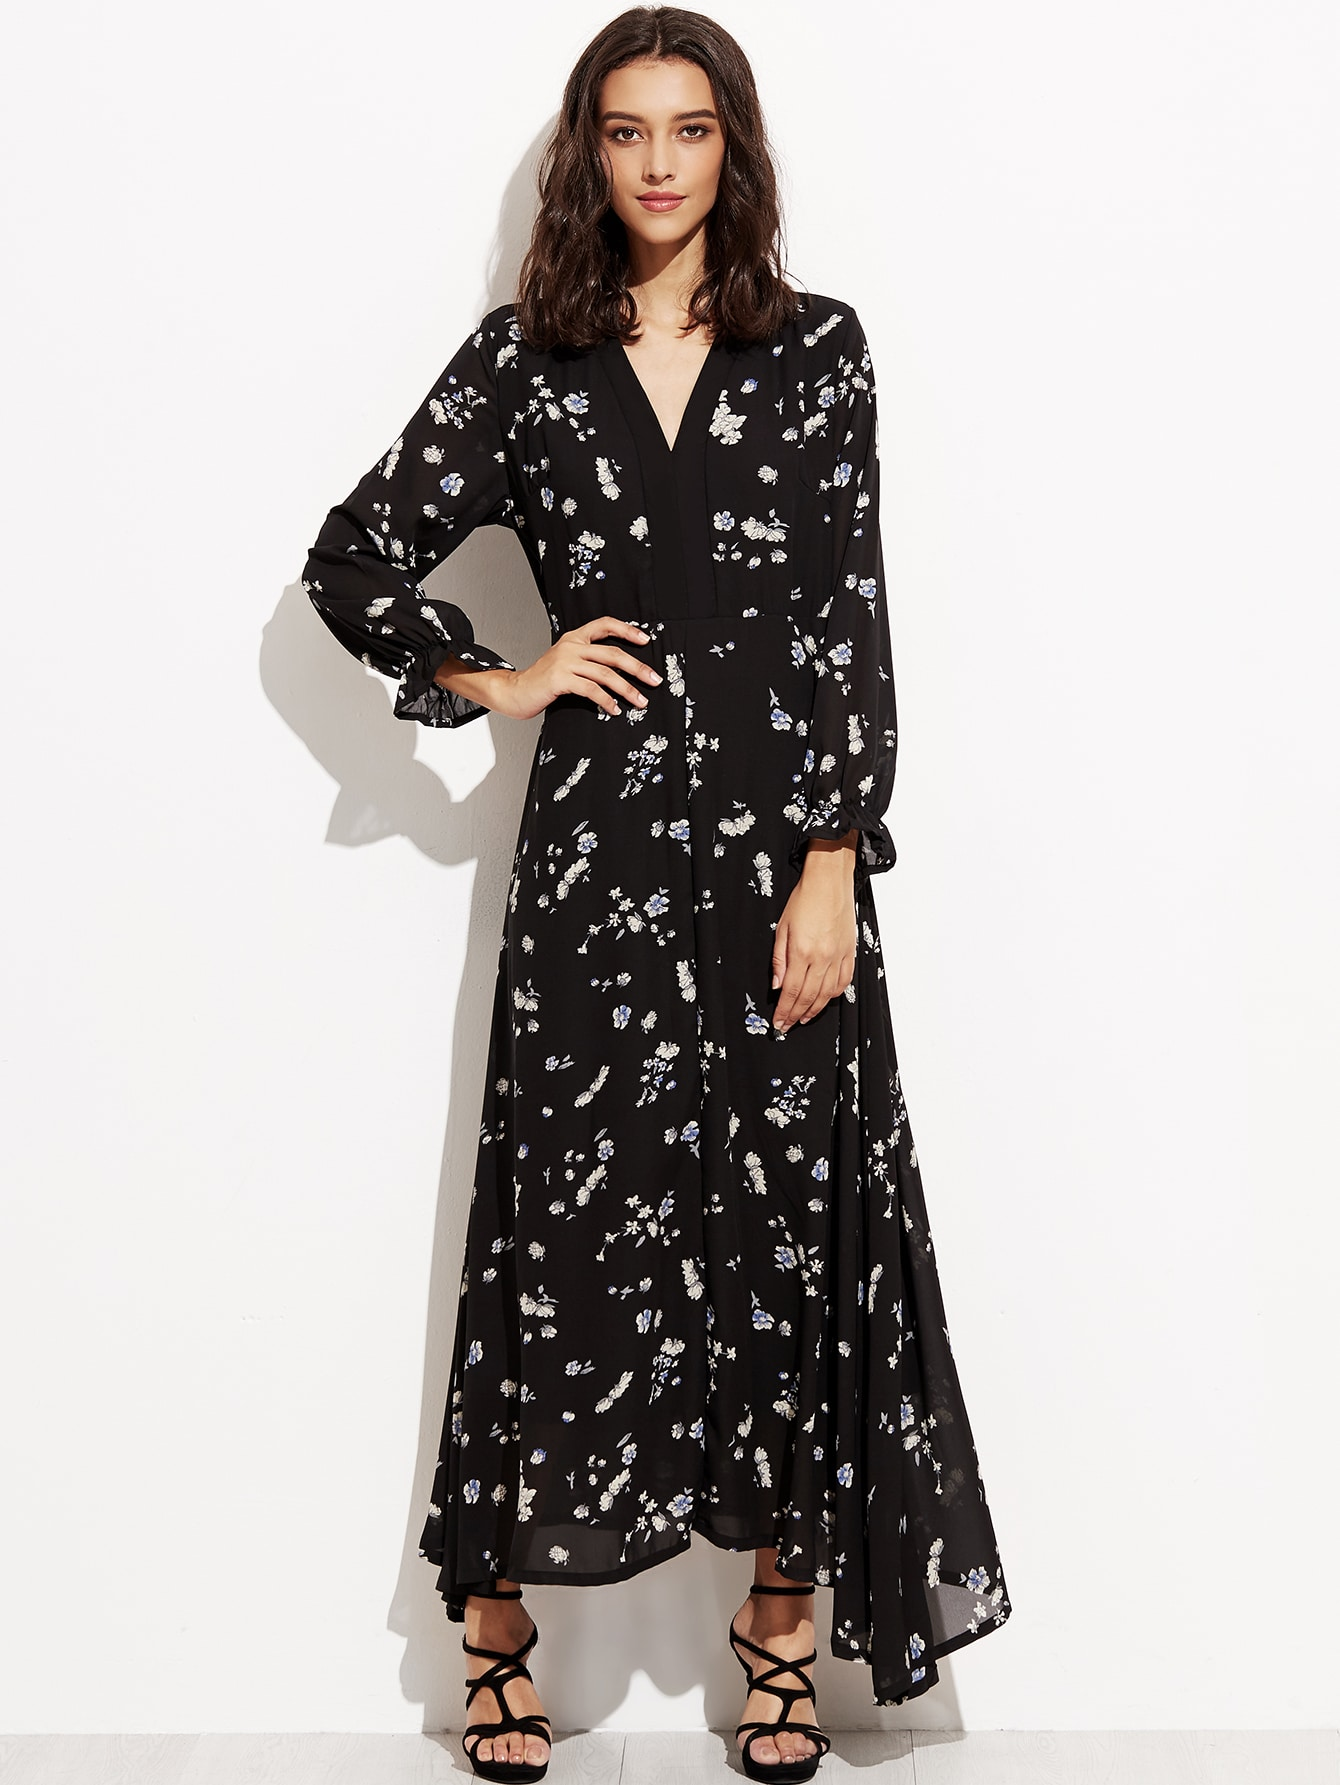 dress160823324_2